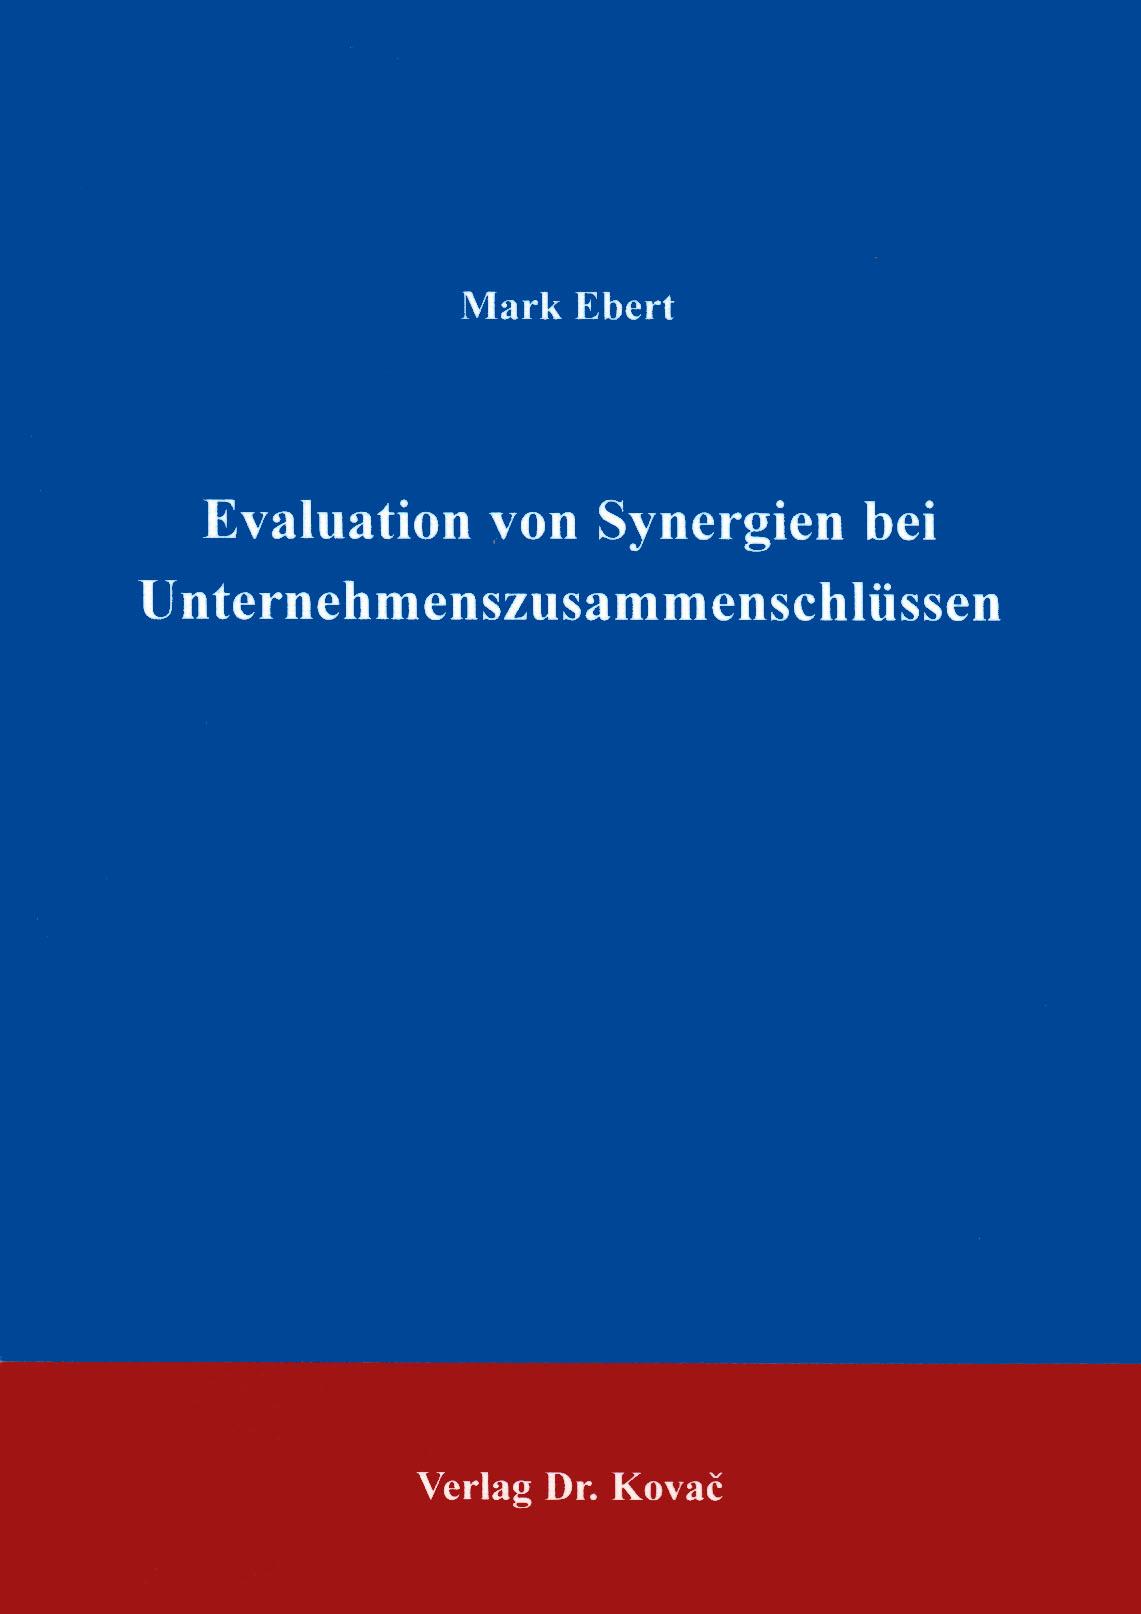 Cover: Evaluation von Synergien bei Unternehmenszusammenschlüssen